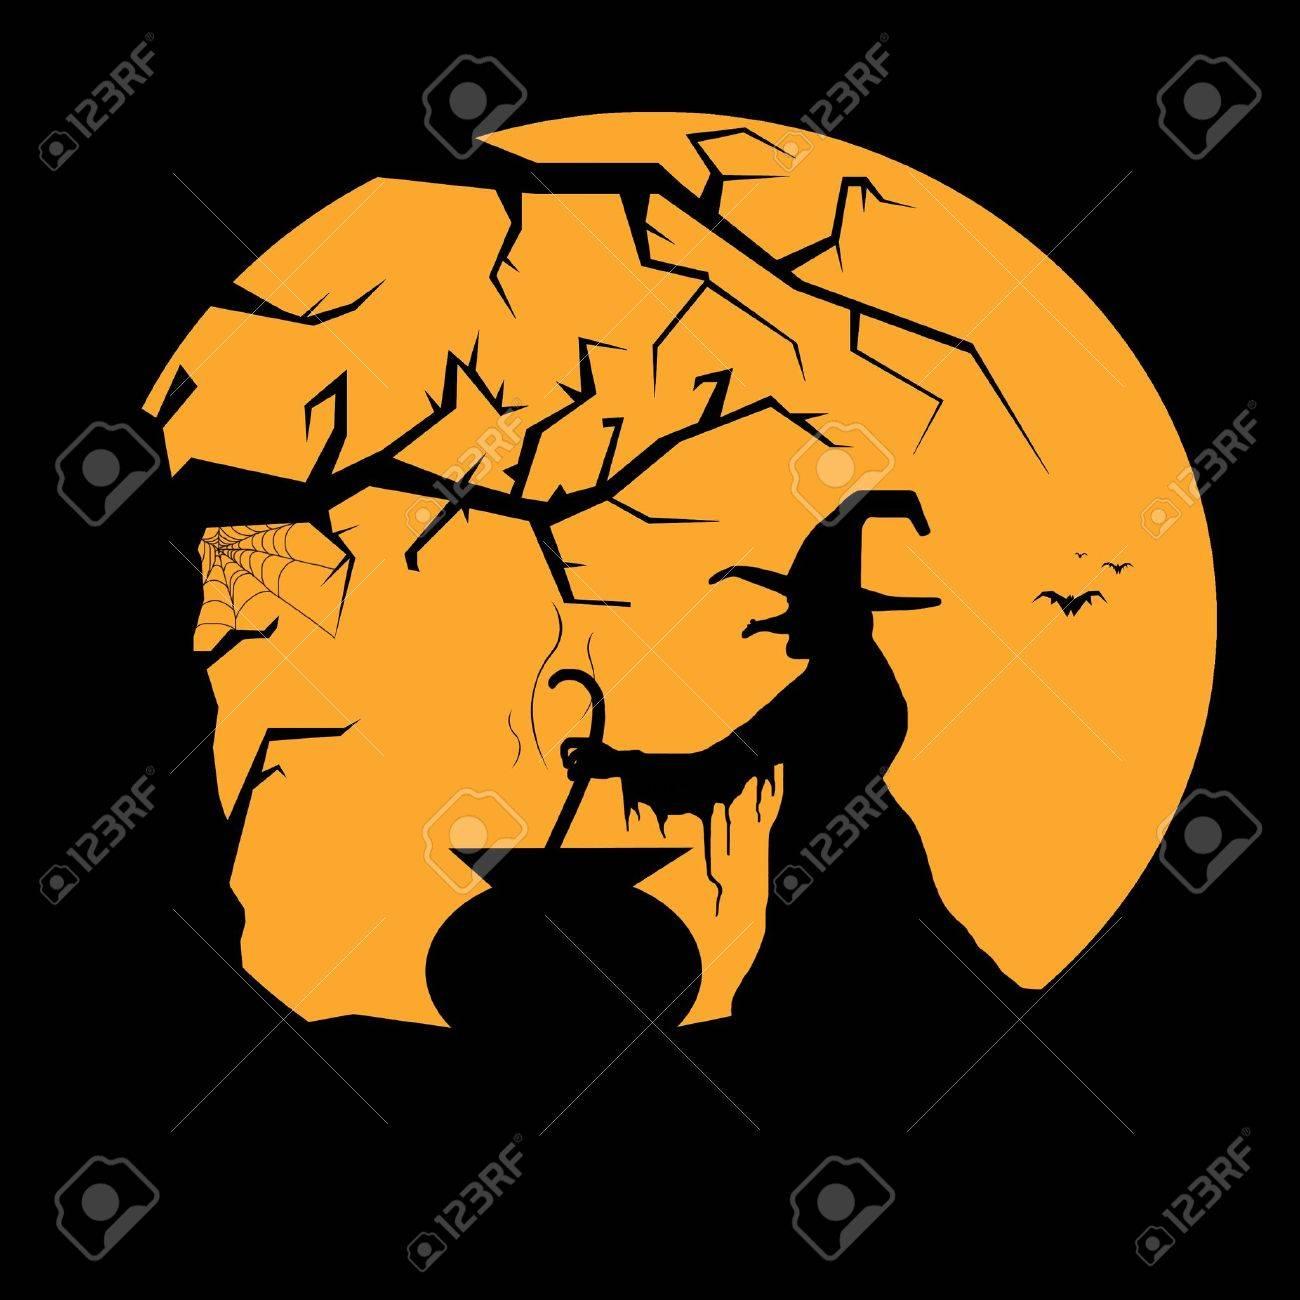 Resultado de imagen de imagen luna brujas